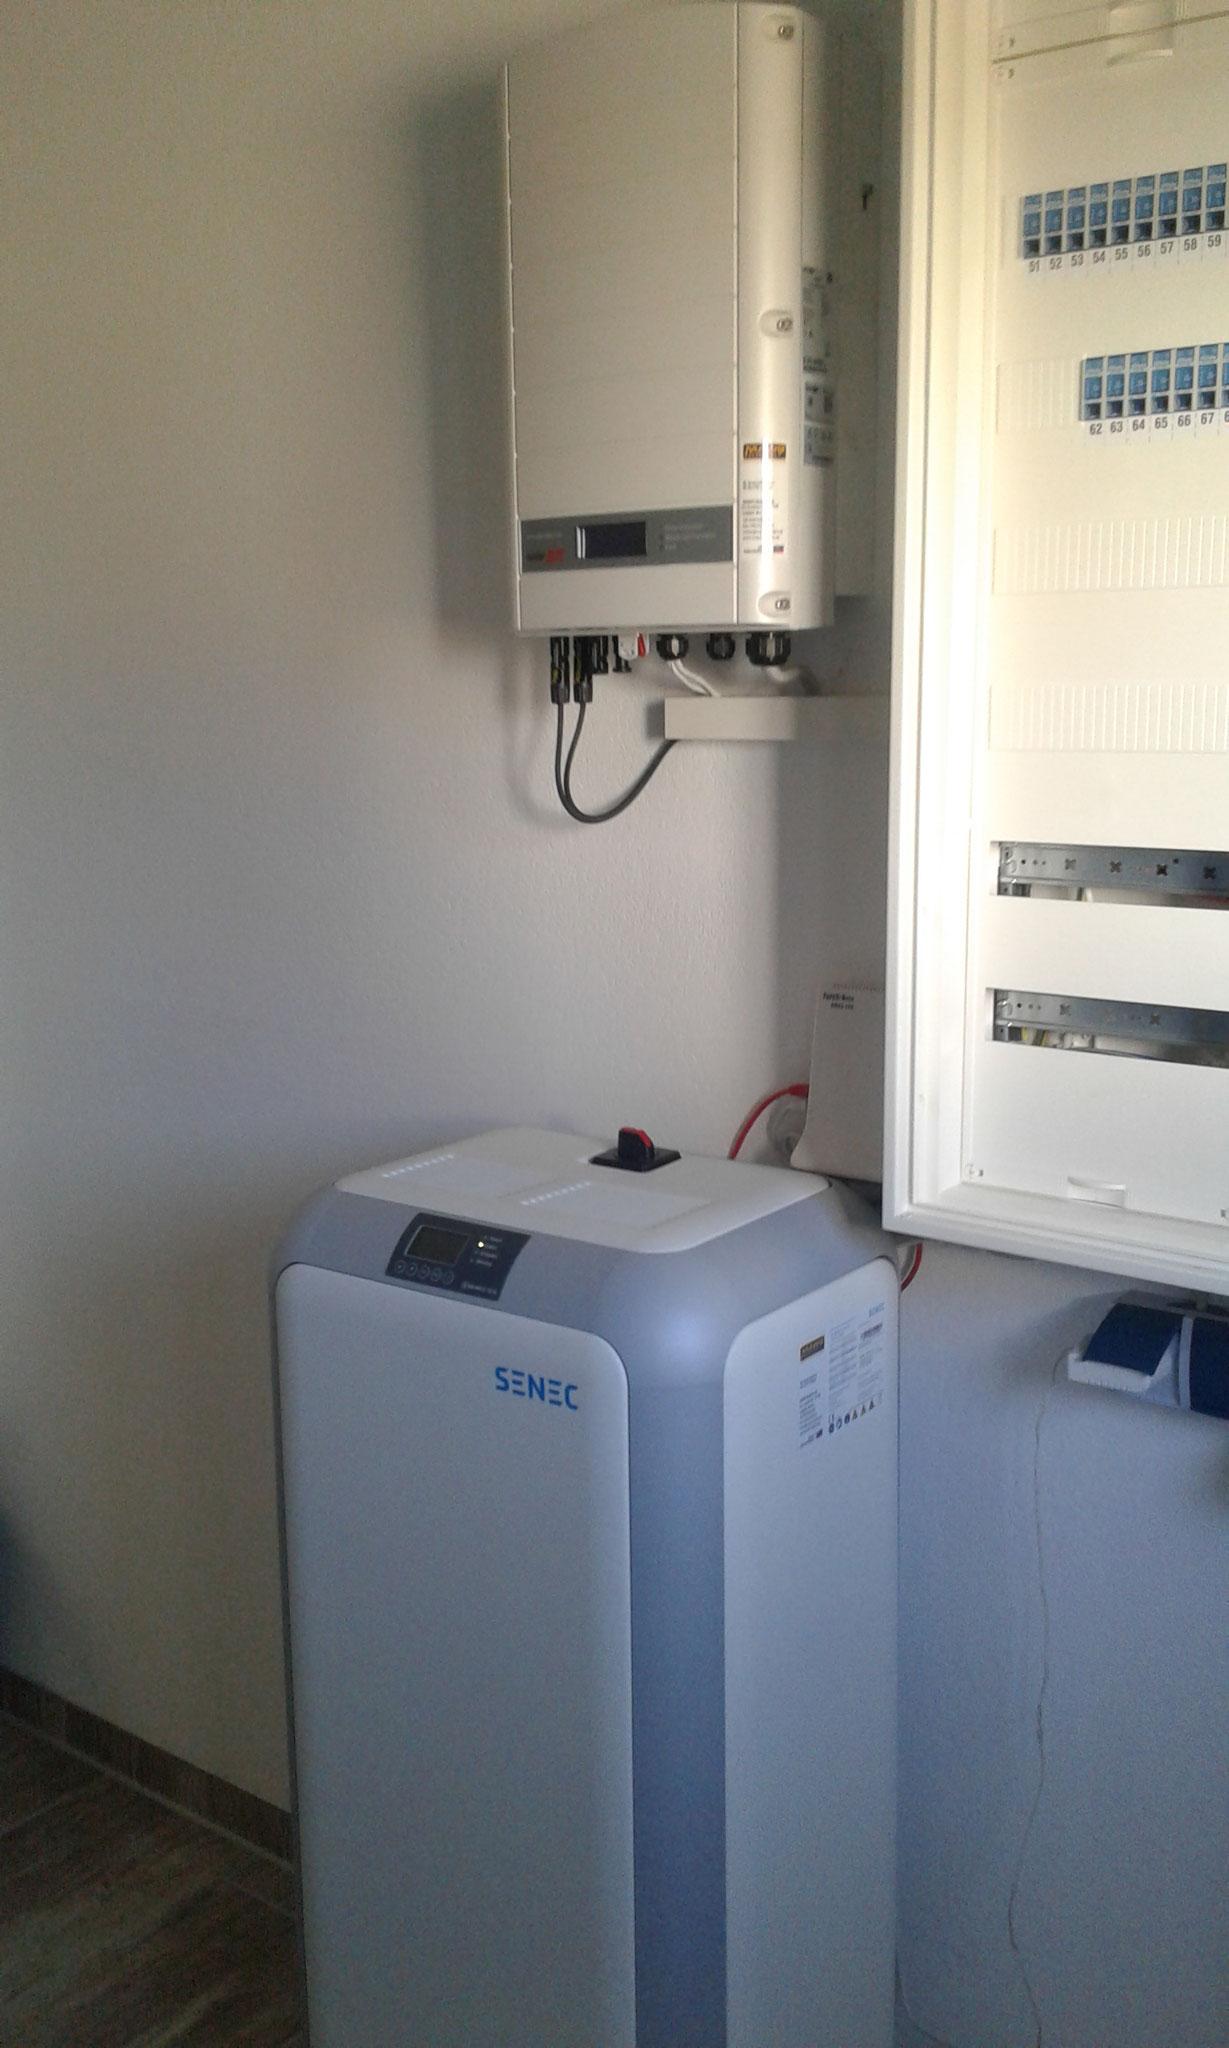 10 kW Senec Speicher in Satow